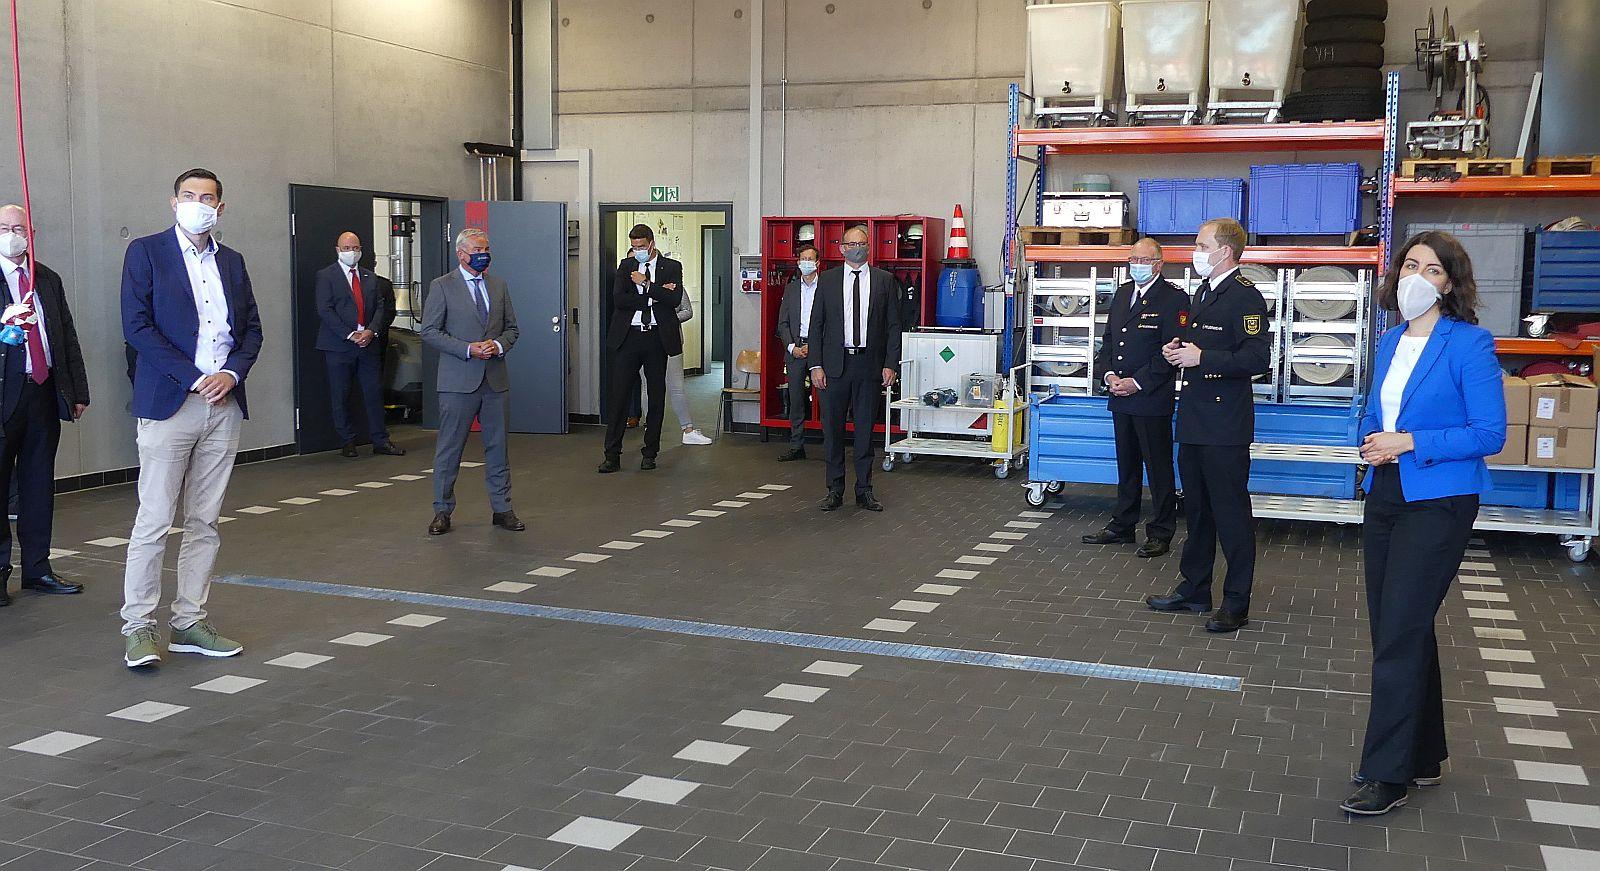 Gehörig auf Abstand: In der Zentralen Feuerwehrwerkstatt in Schramberg-Sulgen. Fotos: him